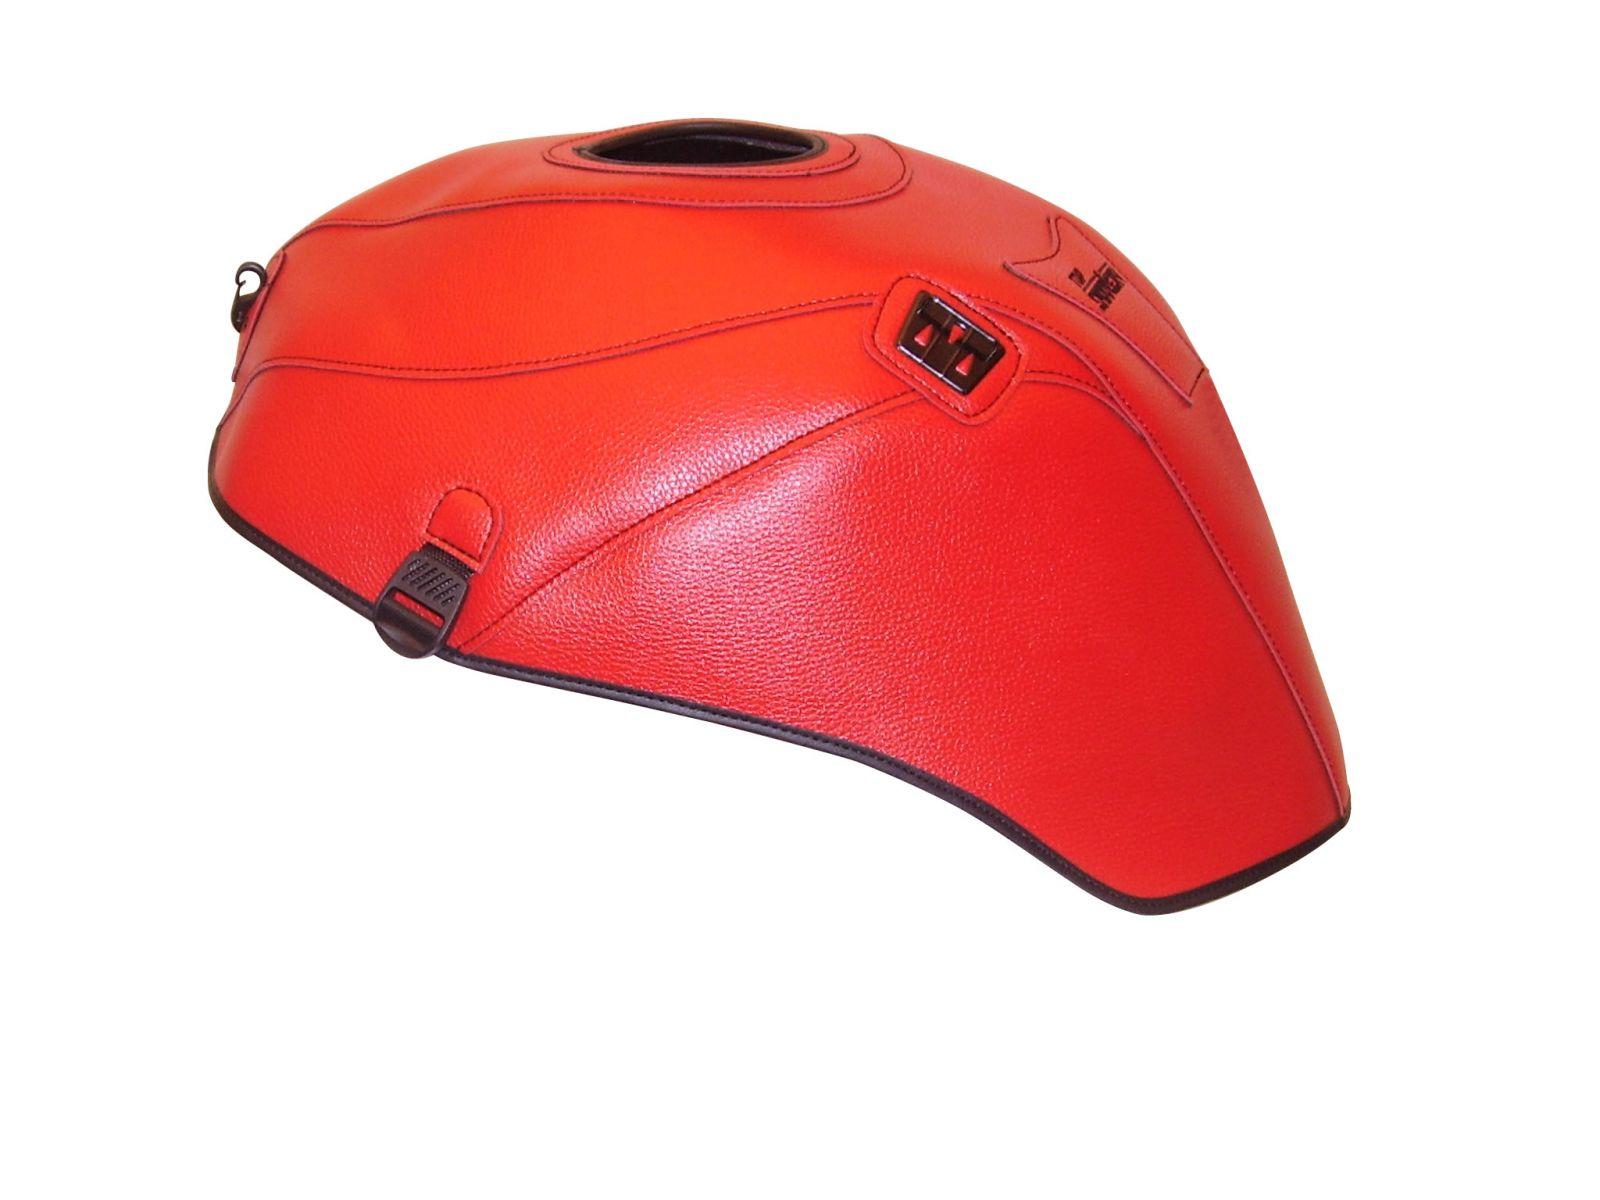 Capa de depósito TPR3065 - SUZUKI BANDIT 1200 [1995-1999]